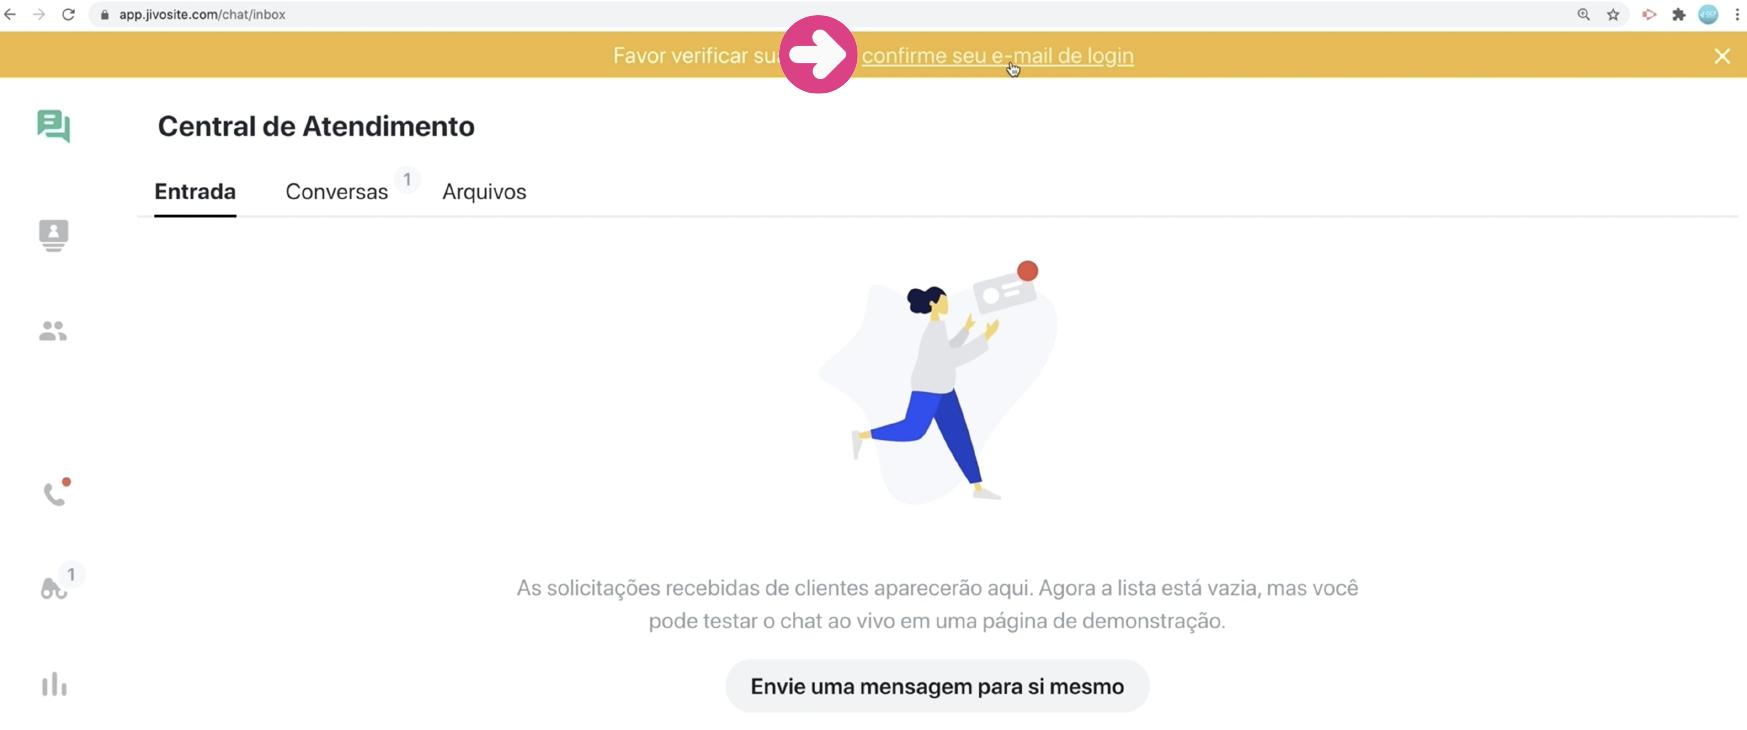 imagem5 como instalar o jivochat grátis na sua loja integrada